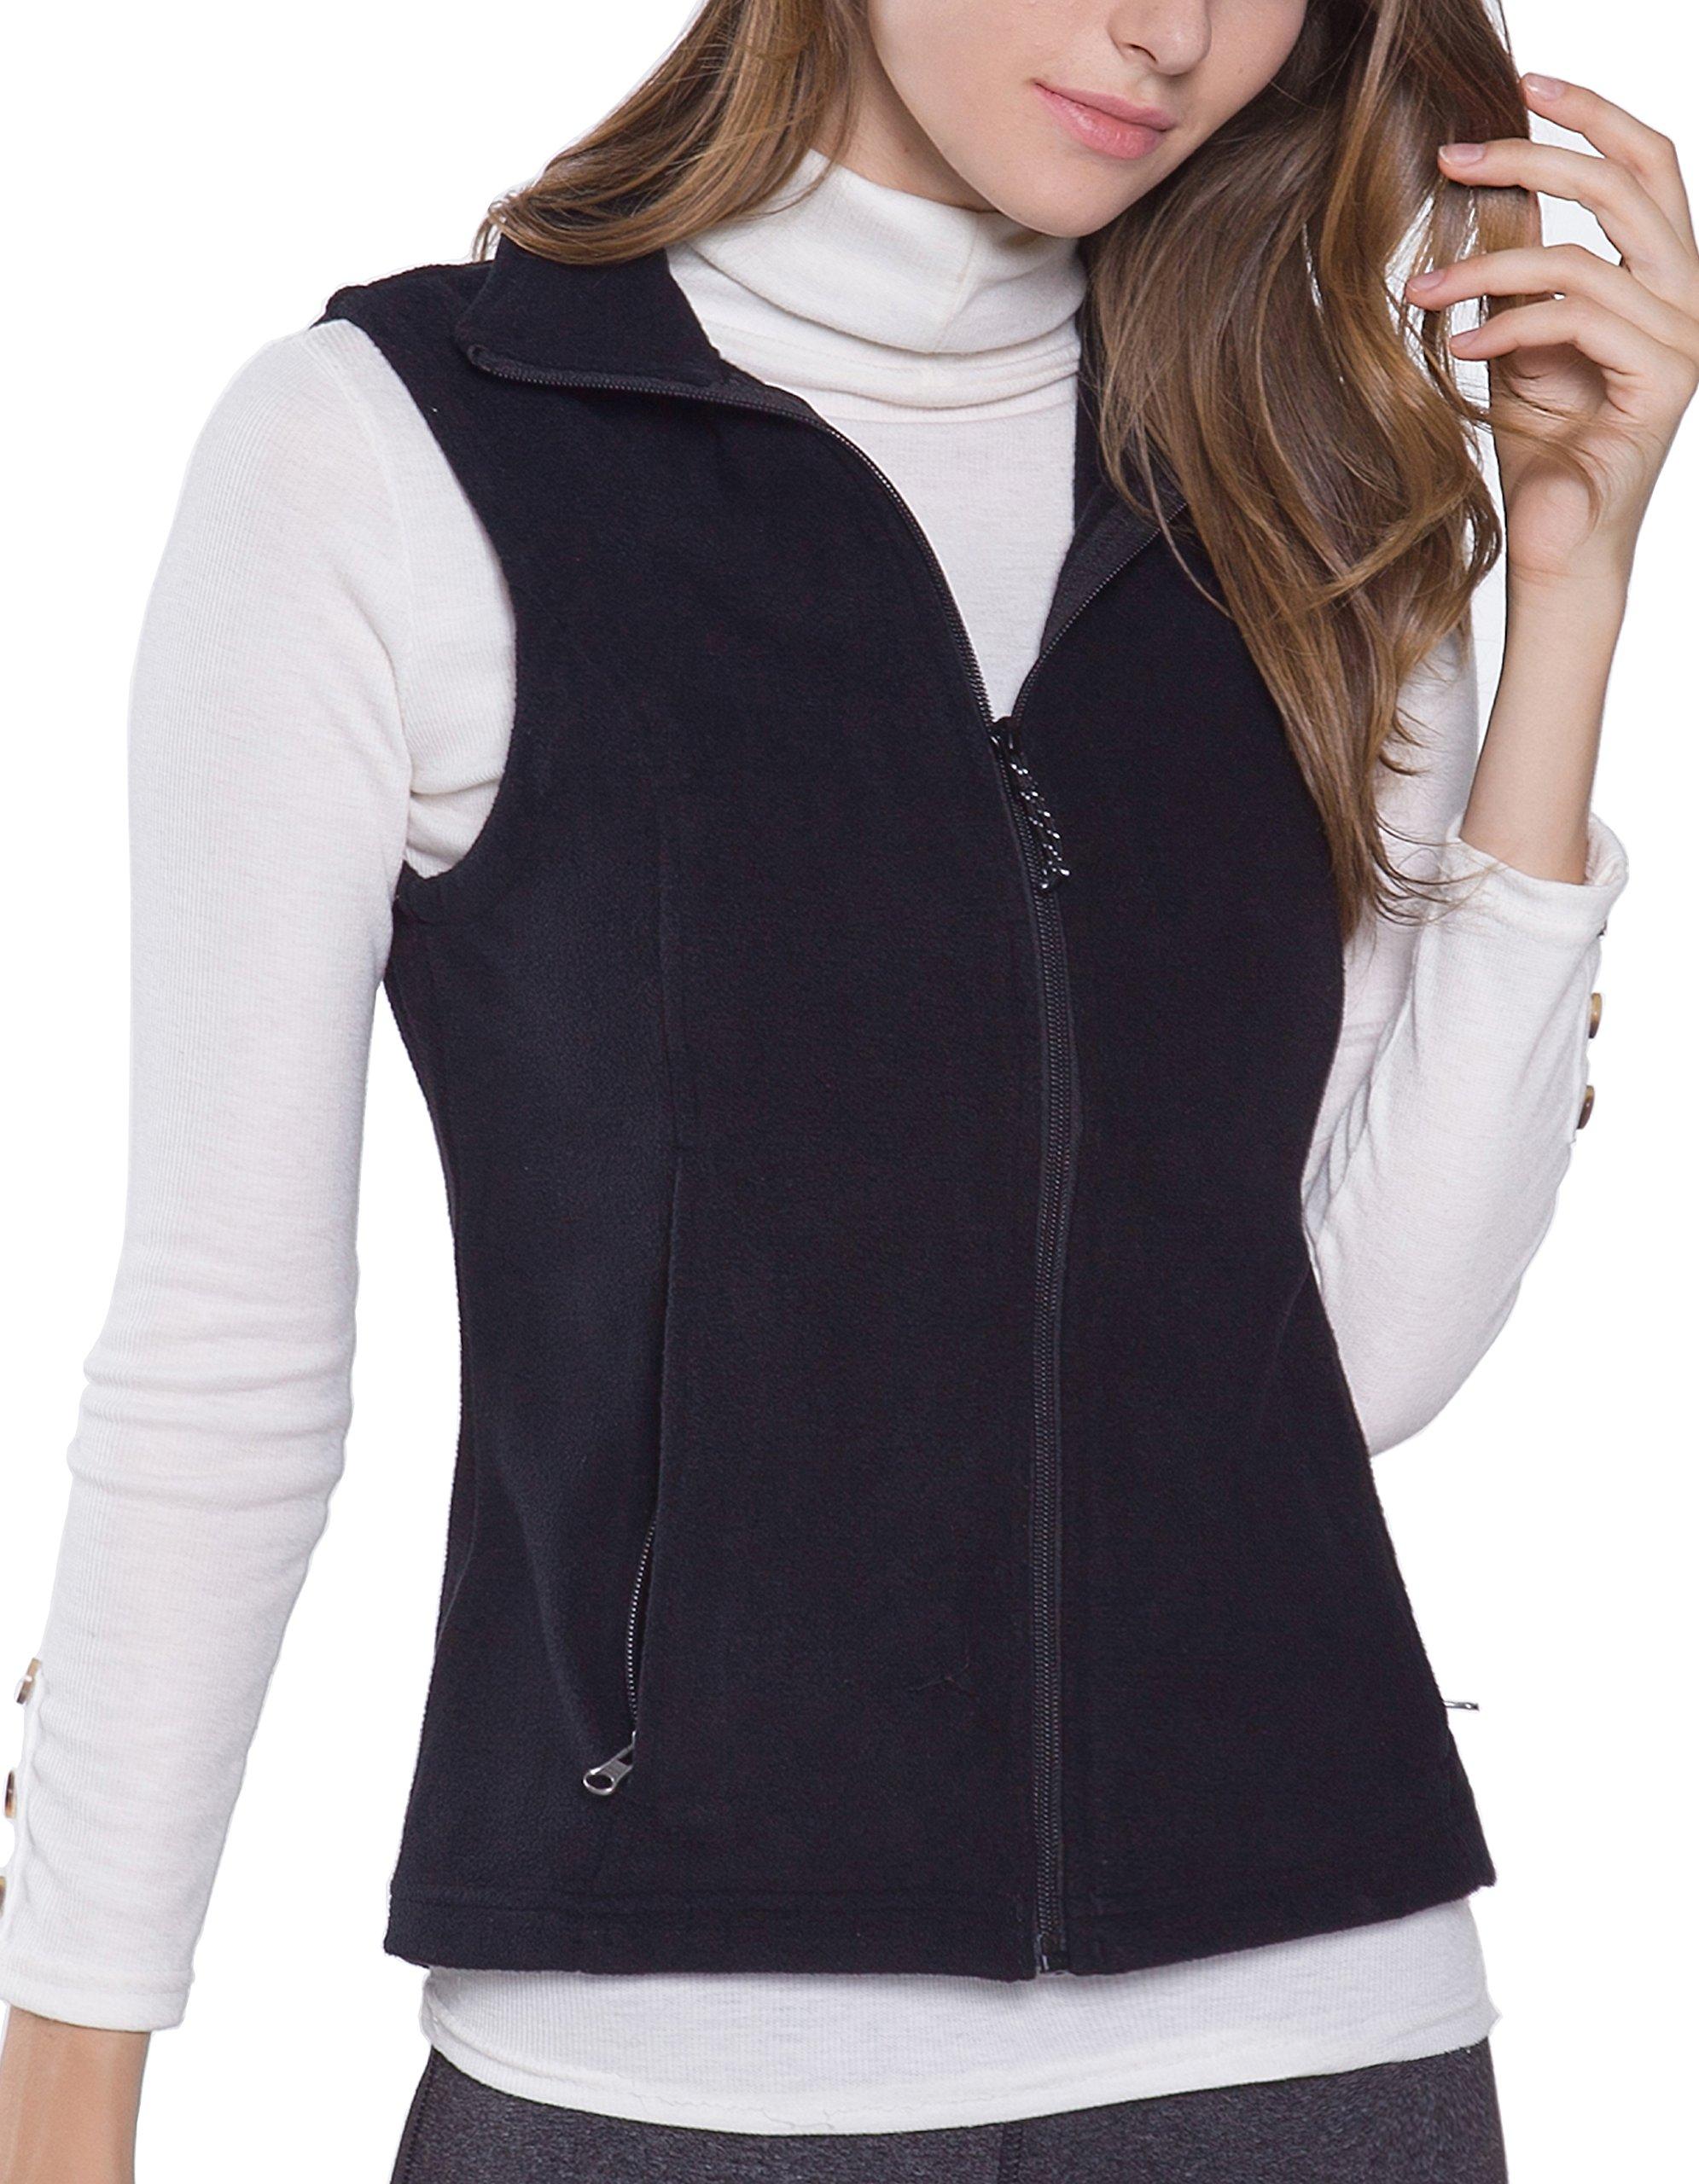 Oalka Women's Spring Fall Full Zip Fleece Vest Black S